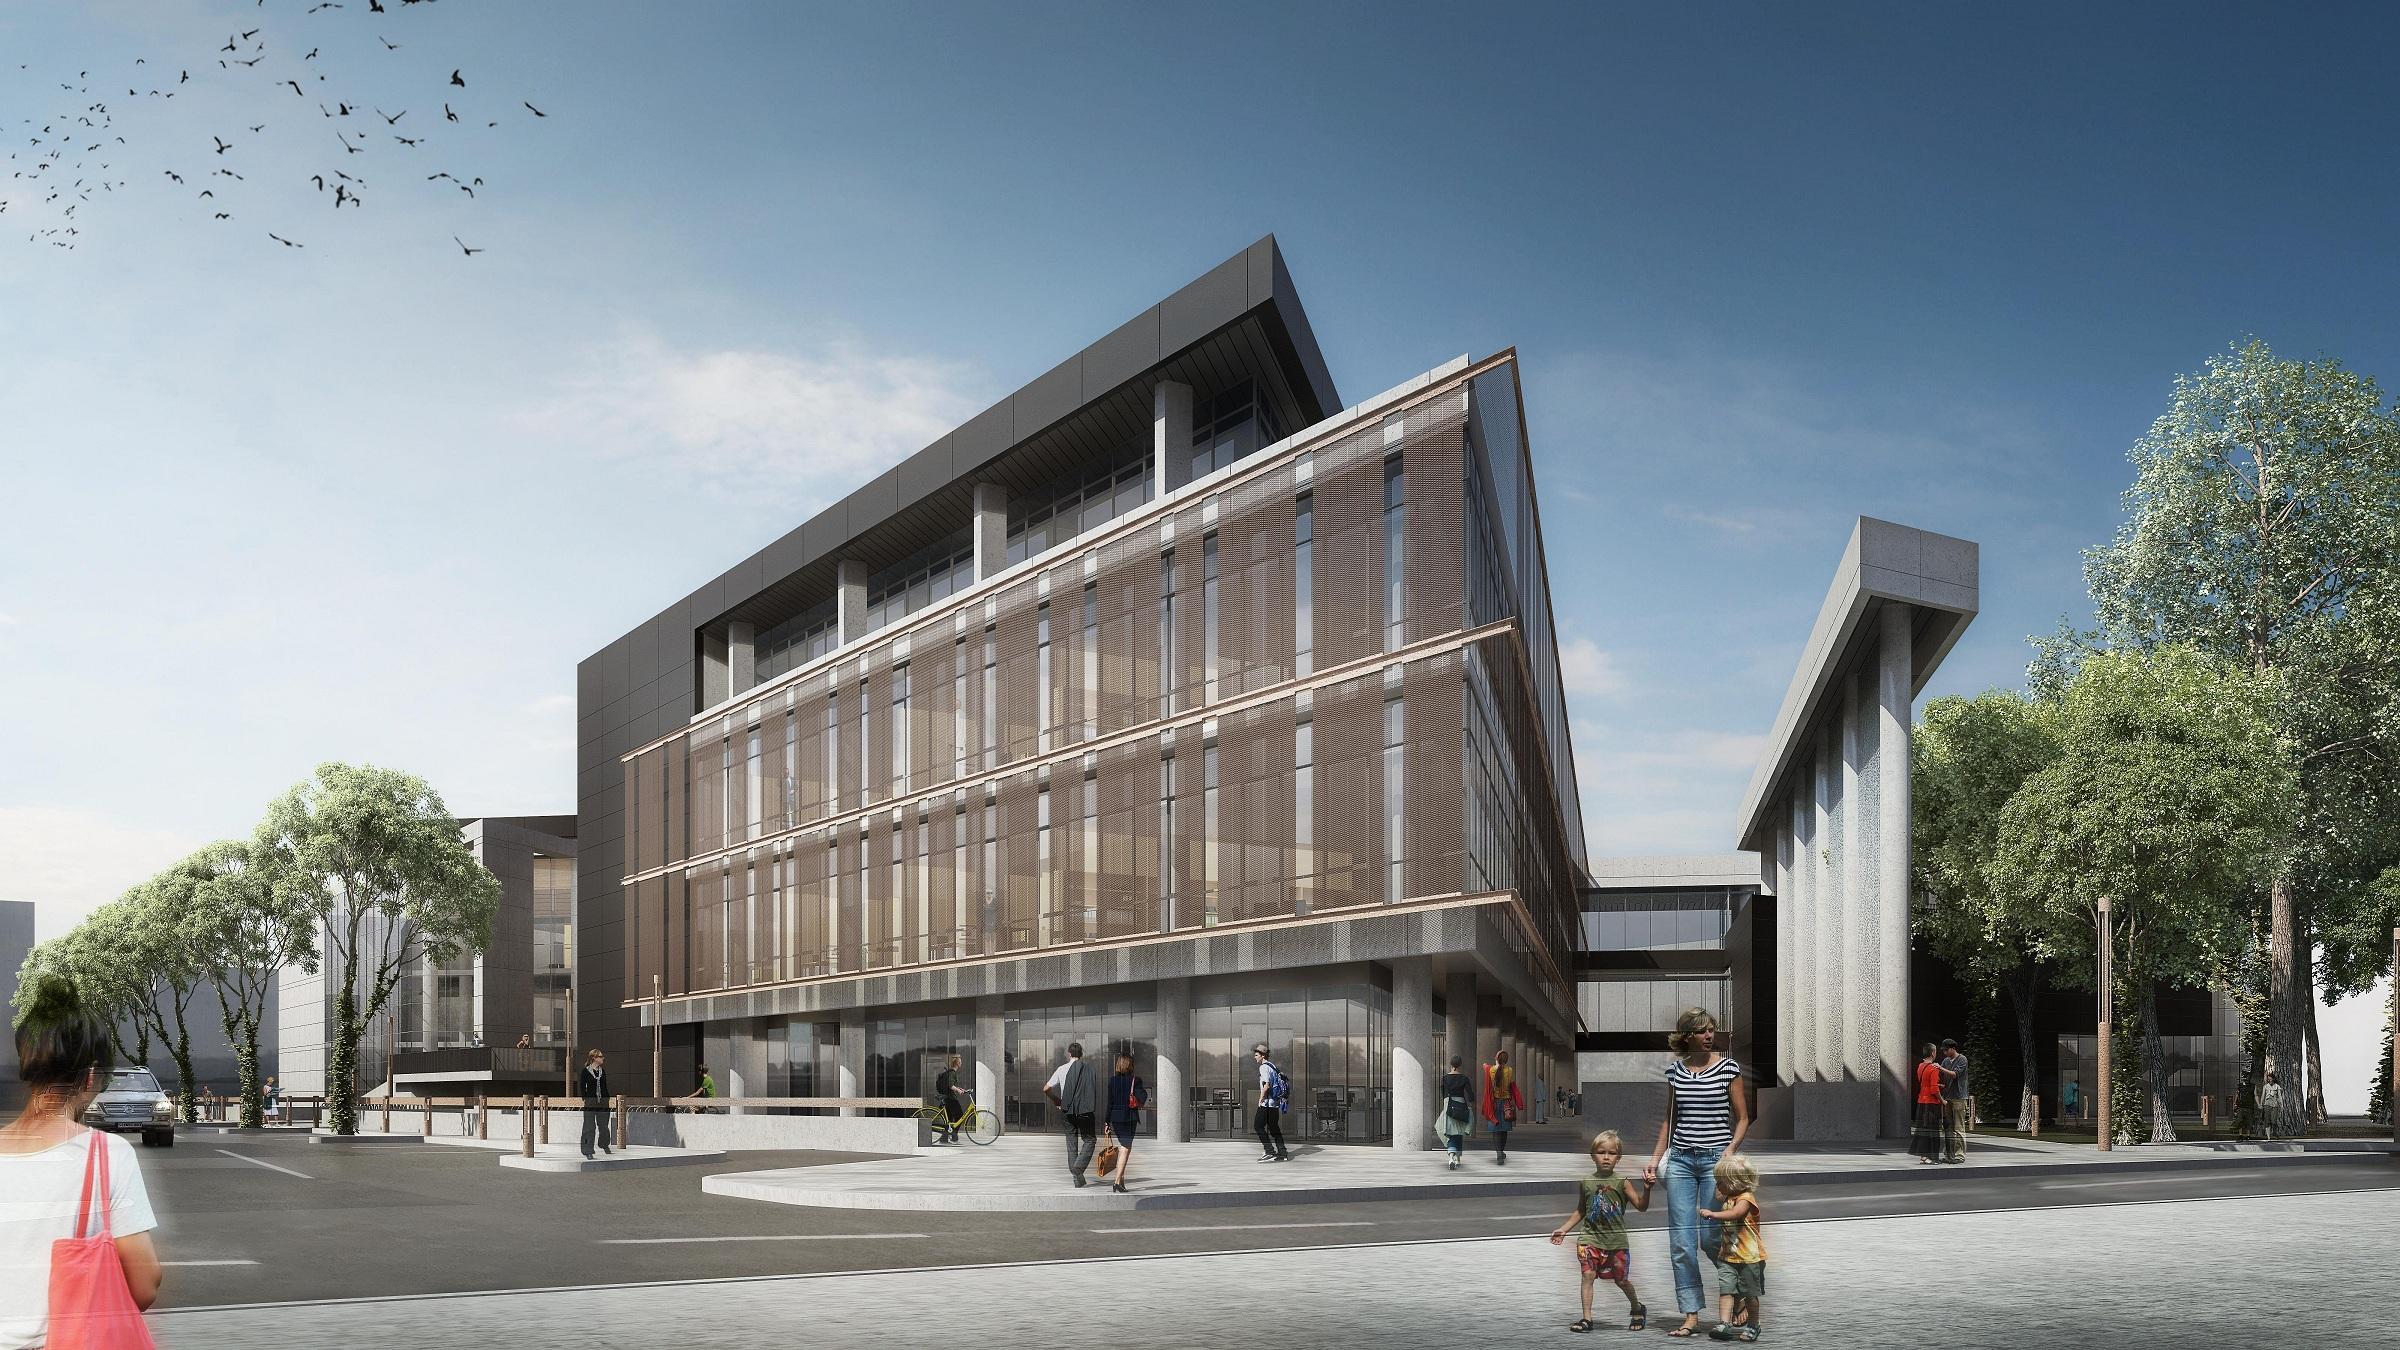 Çanakkale, ülkenin ilk yeşil yönetim binasına ev sahipliği yapacak